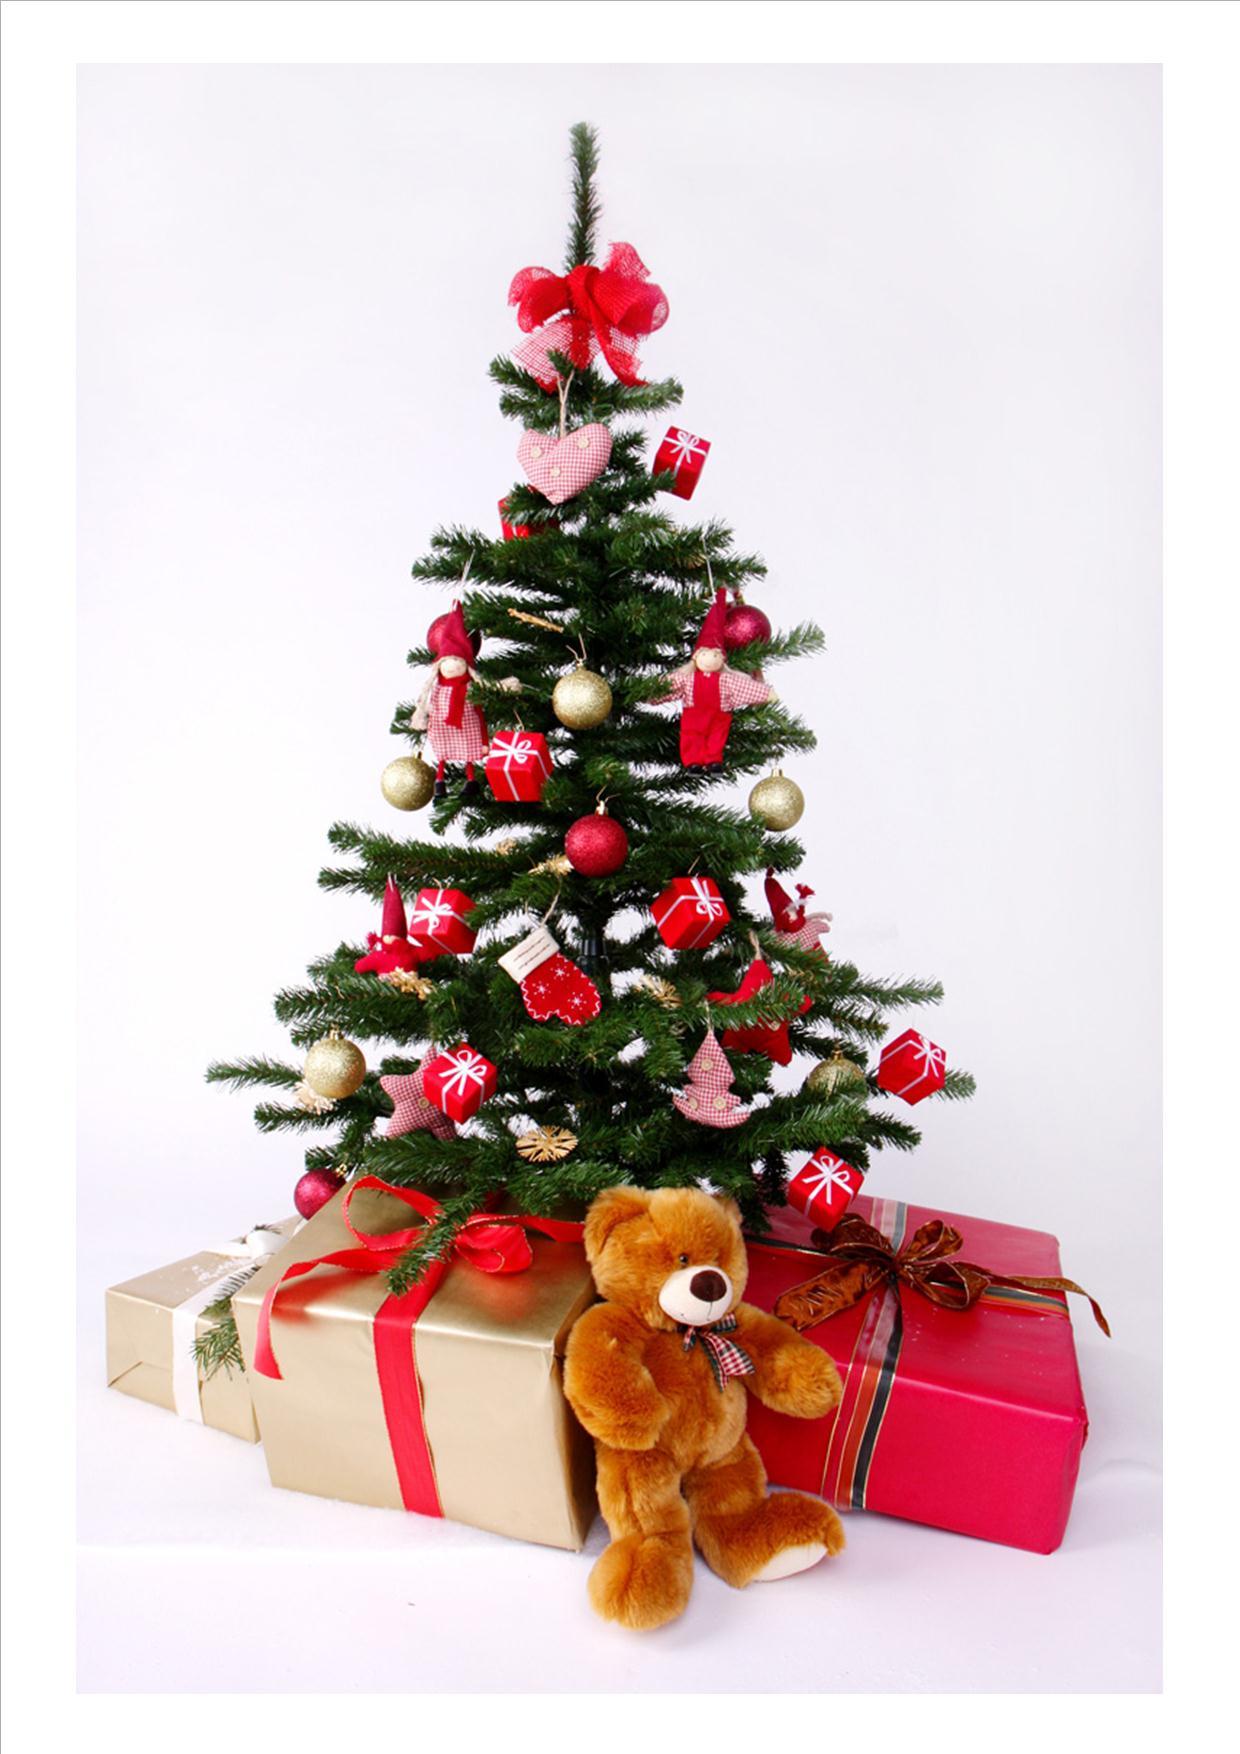 köpa julgran